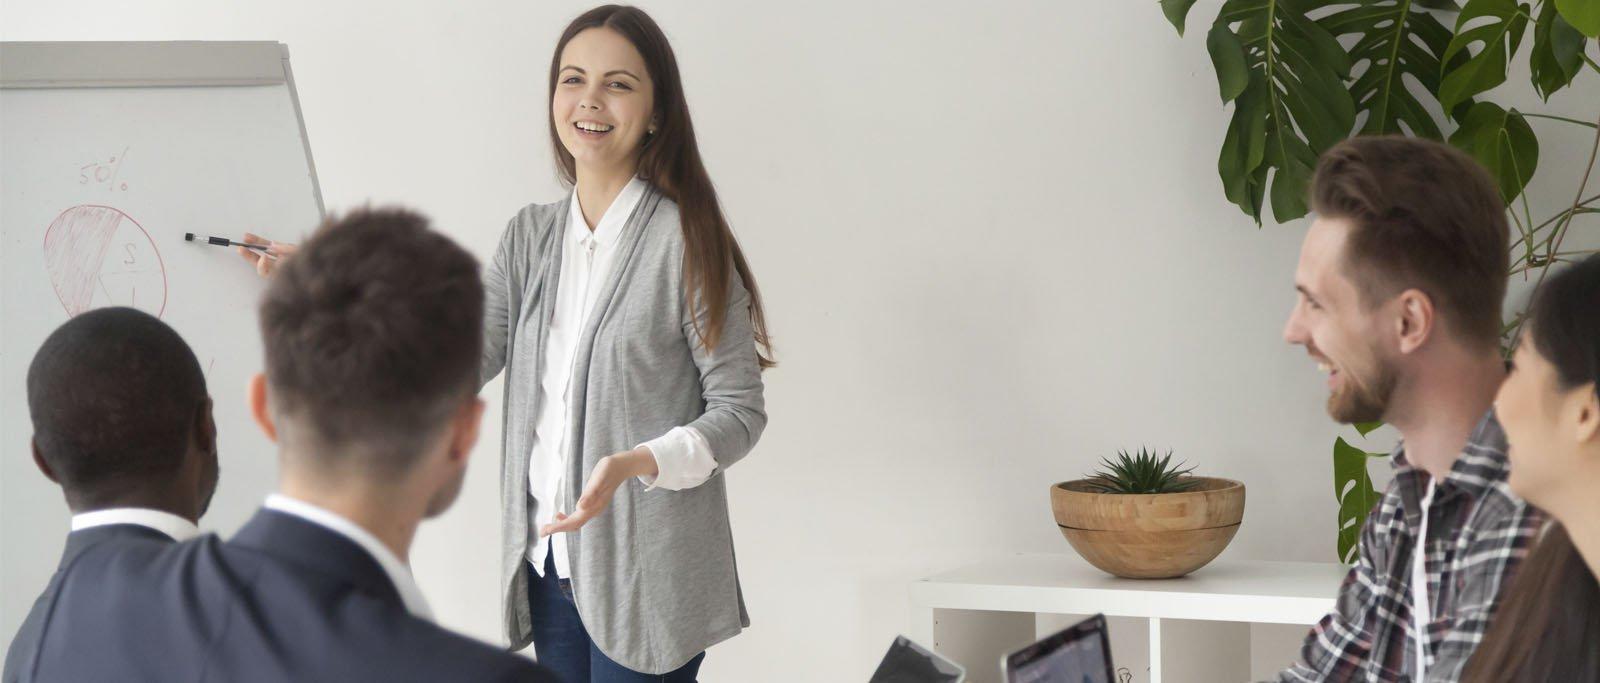 Pitch de vendas: o que é e qual sua importância no processo comercial?